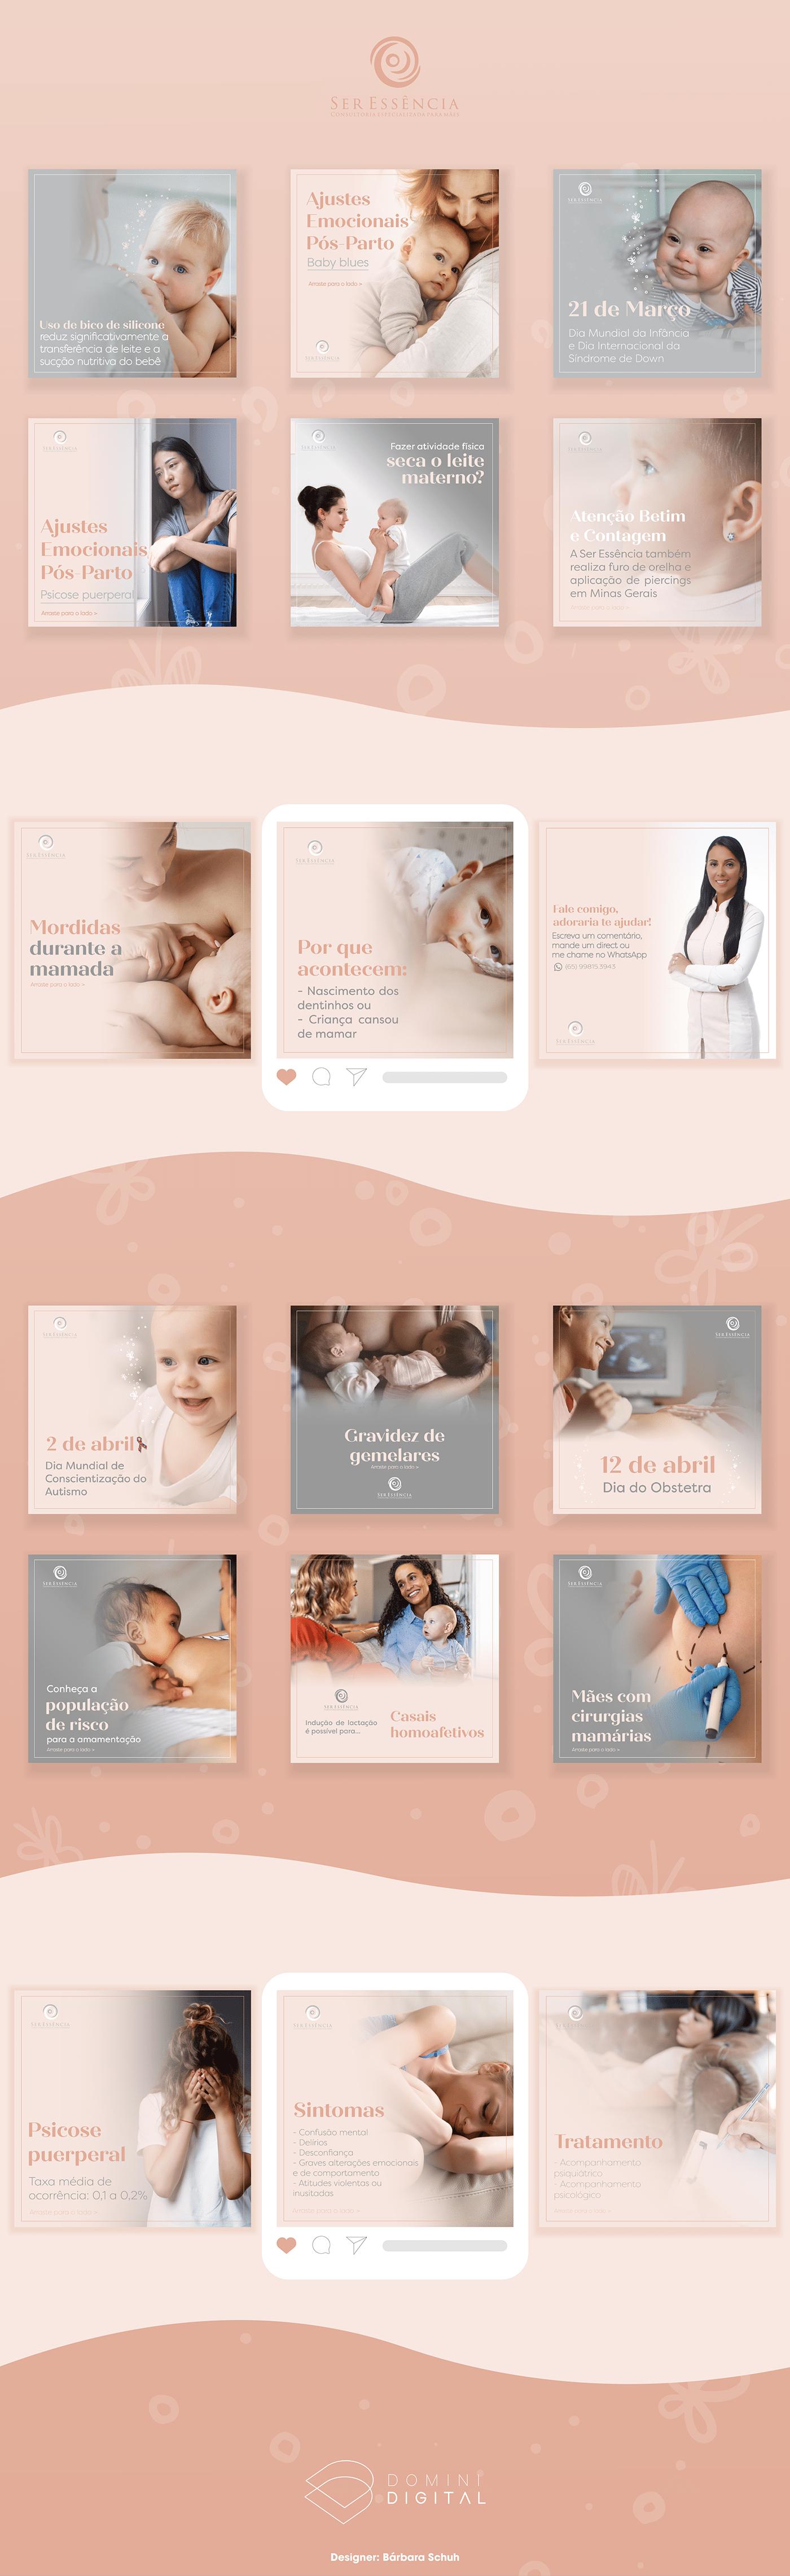 amamentação baby bebe instagram mãe maternidade mother rede social social media